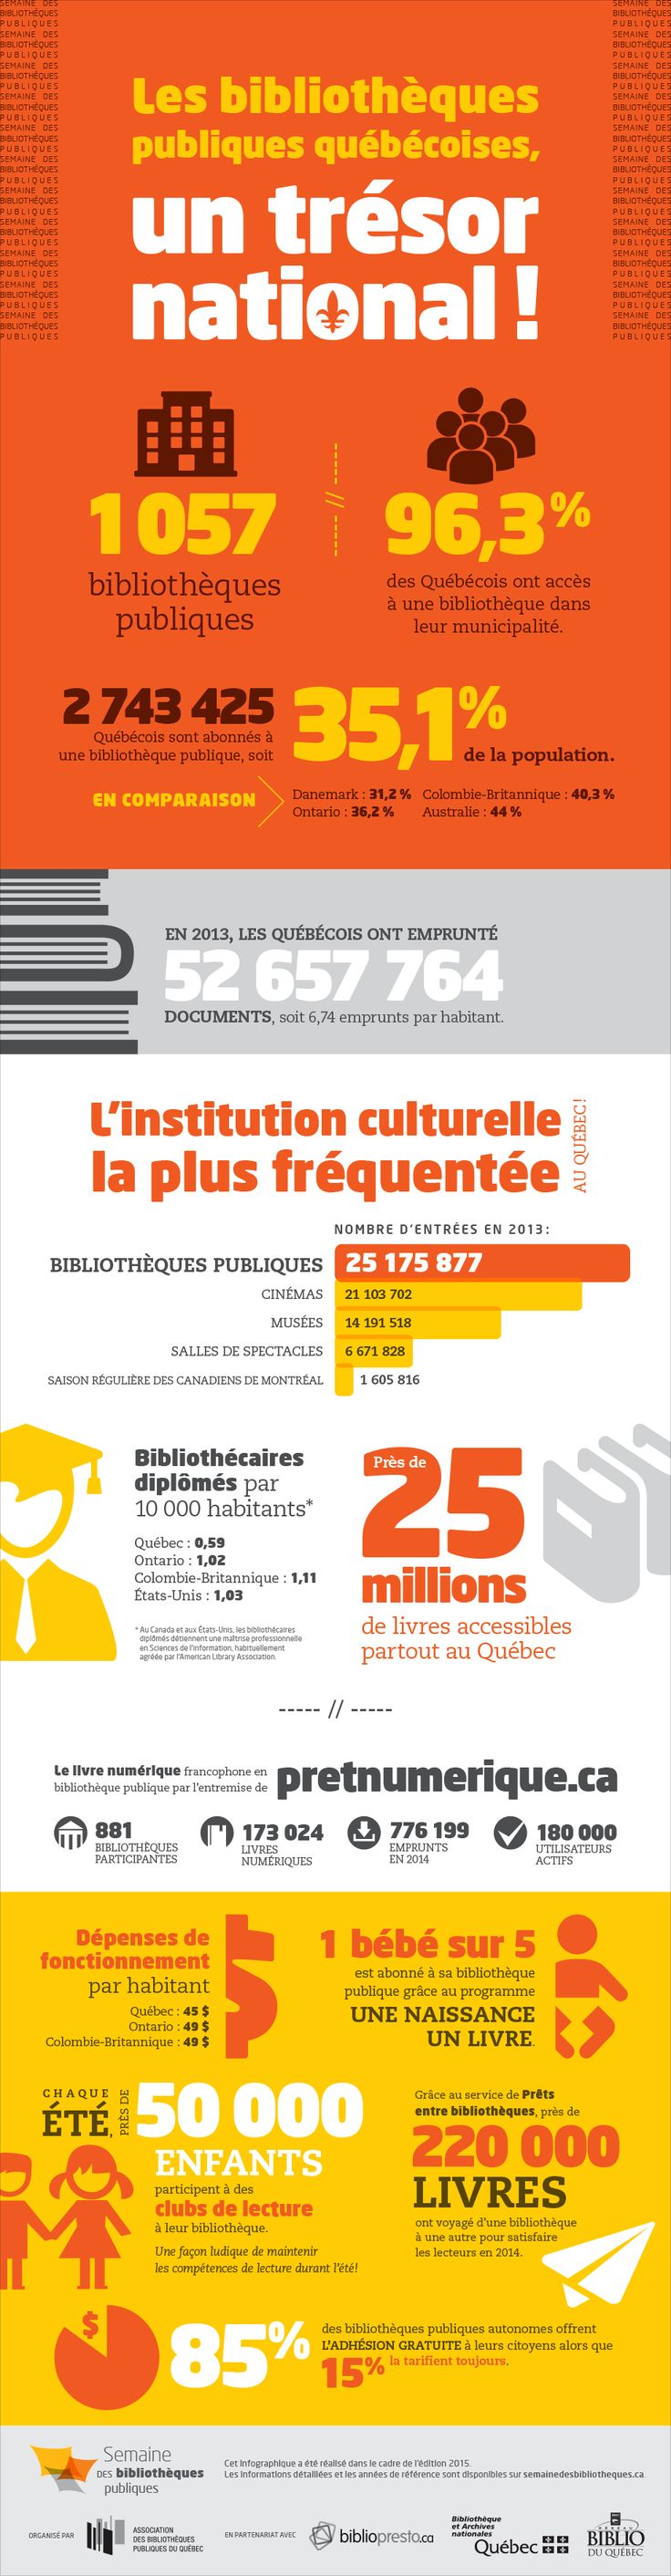 Les bibliothèques publiques québécoises, un trésor national!